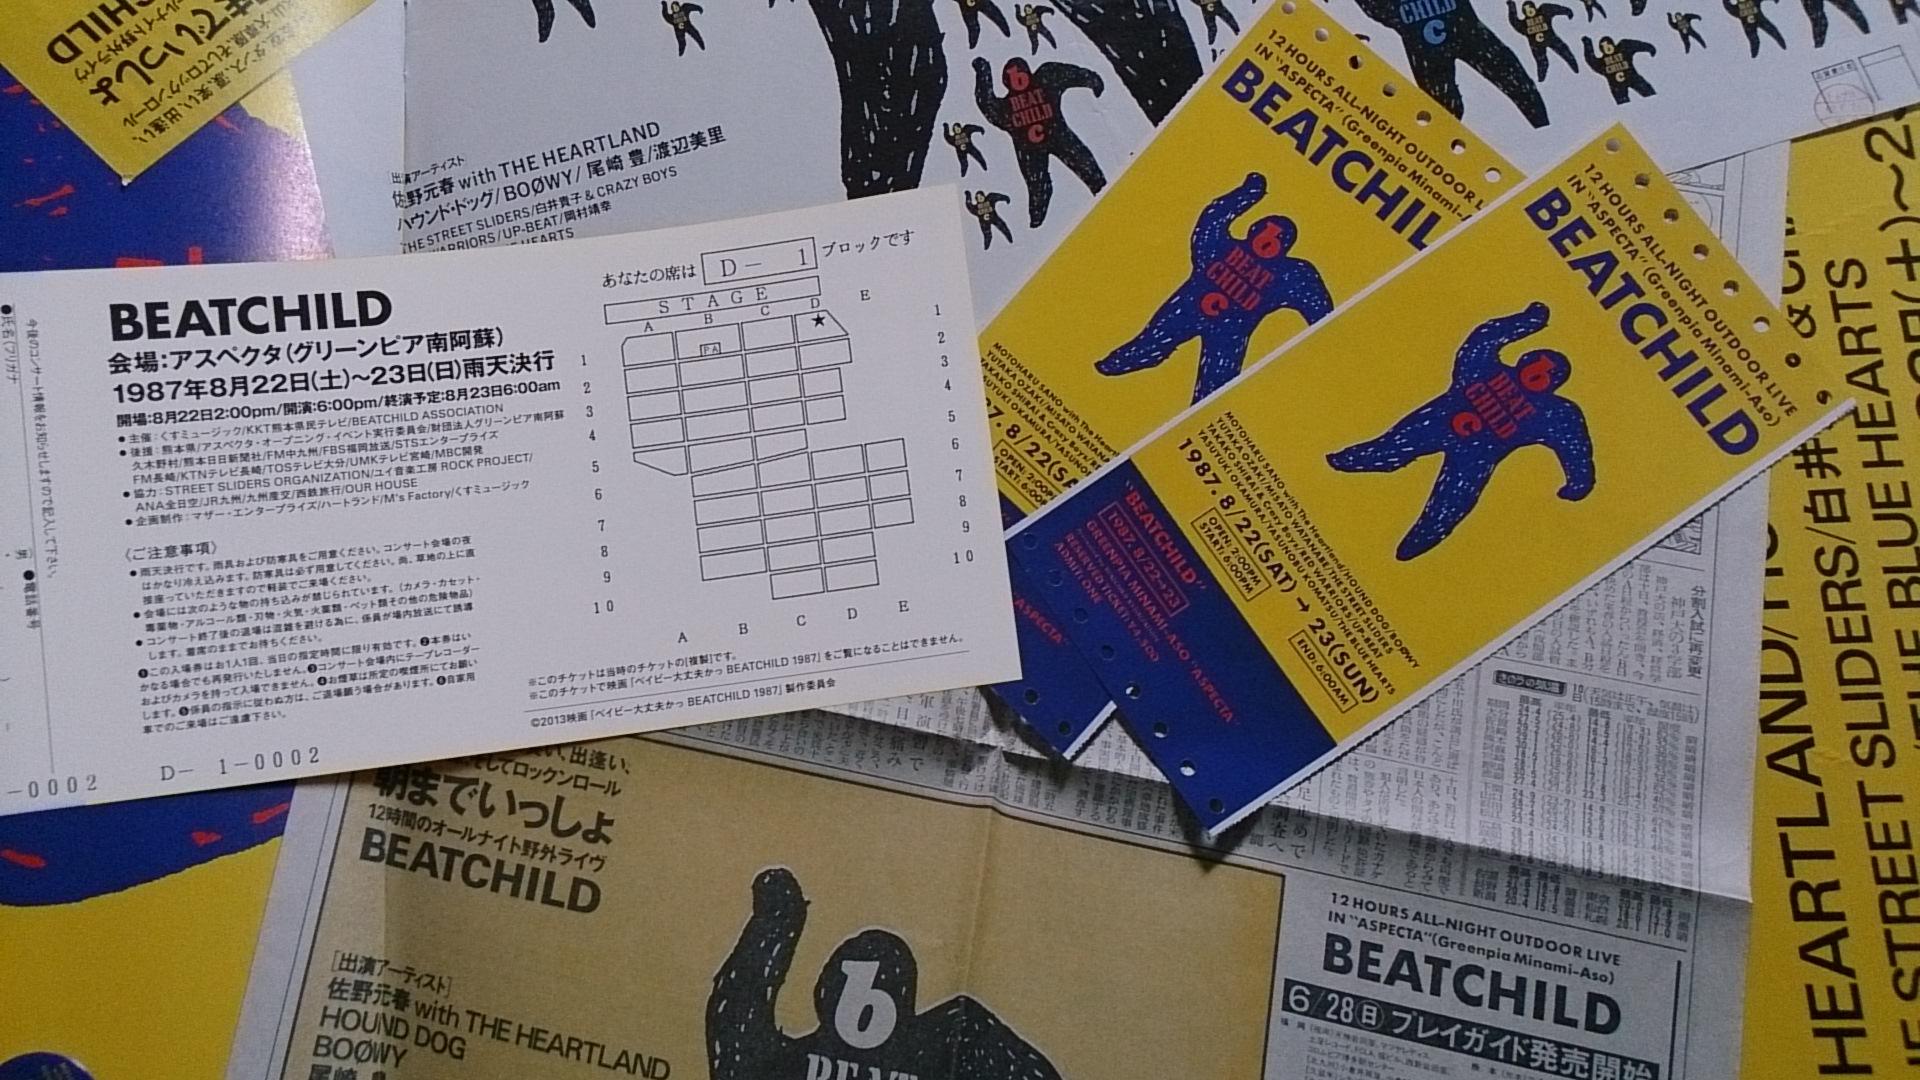 BEATCHILD1987